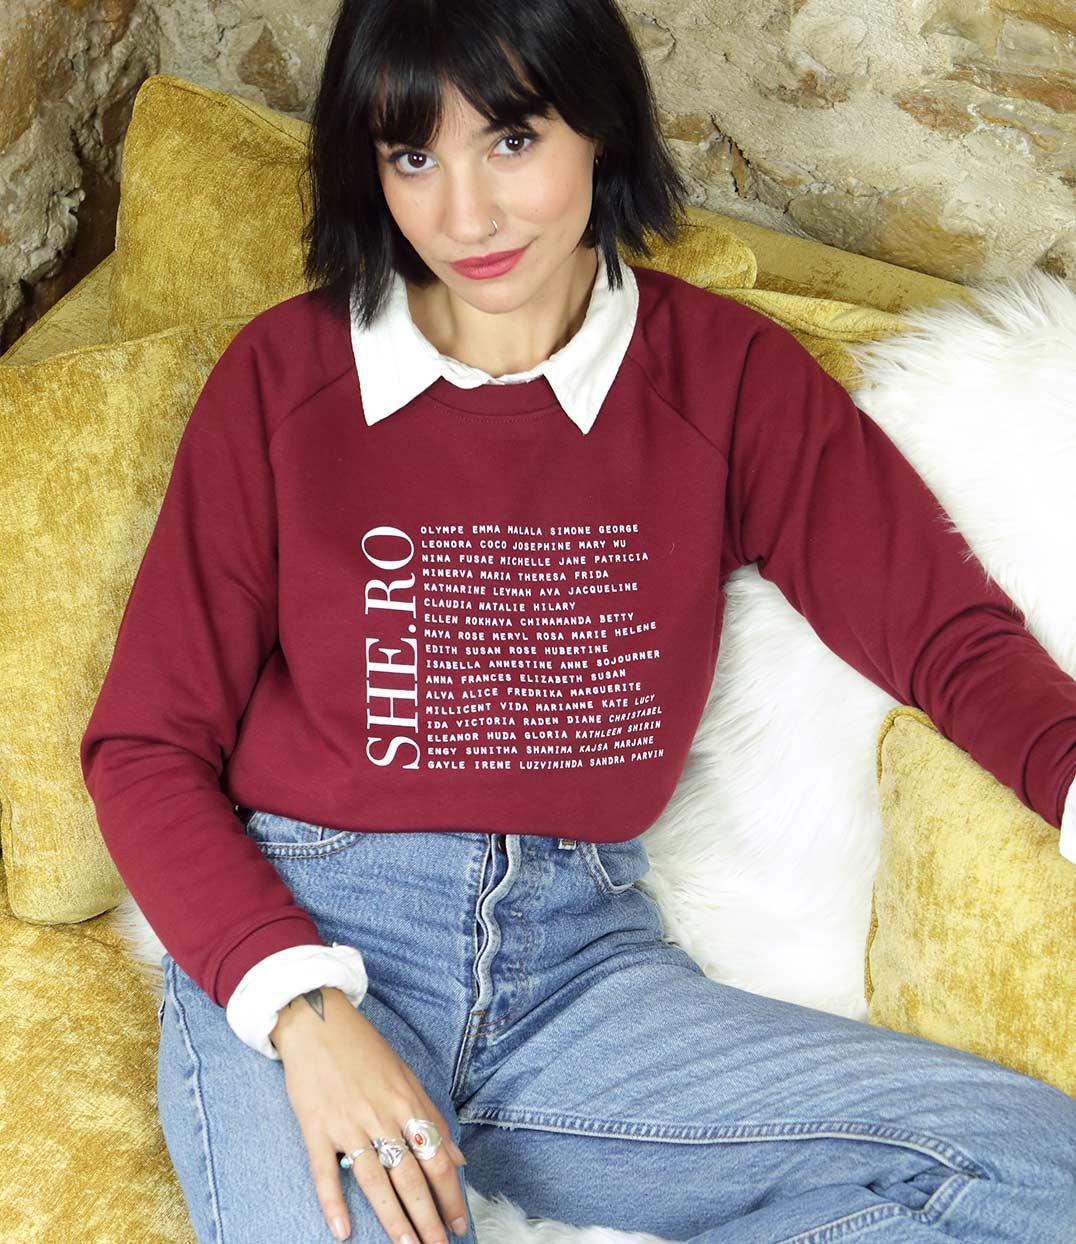 femme assise sur camapé portant un sweatshirt bordeaux avec ecritures feministe leonor roversi